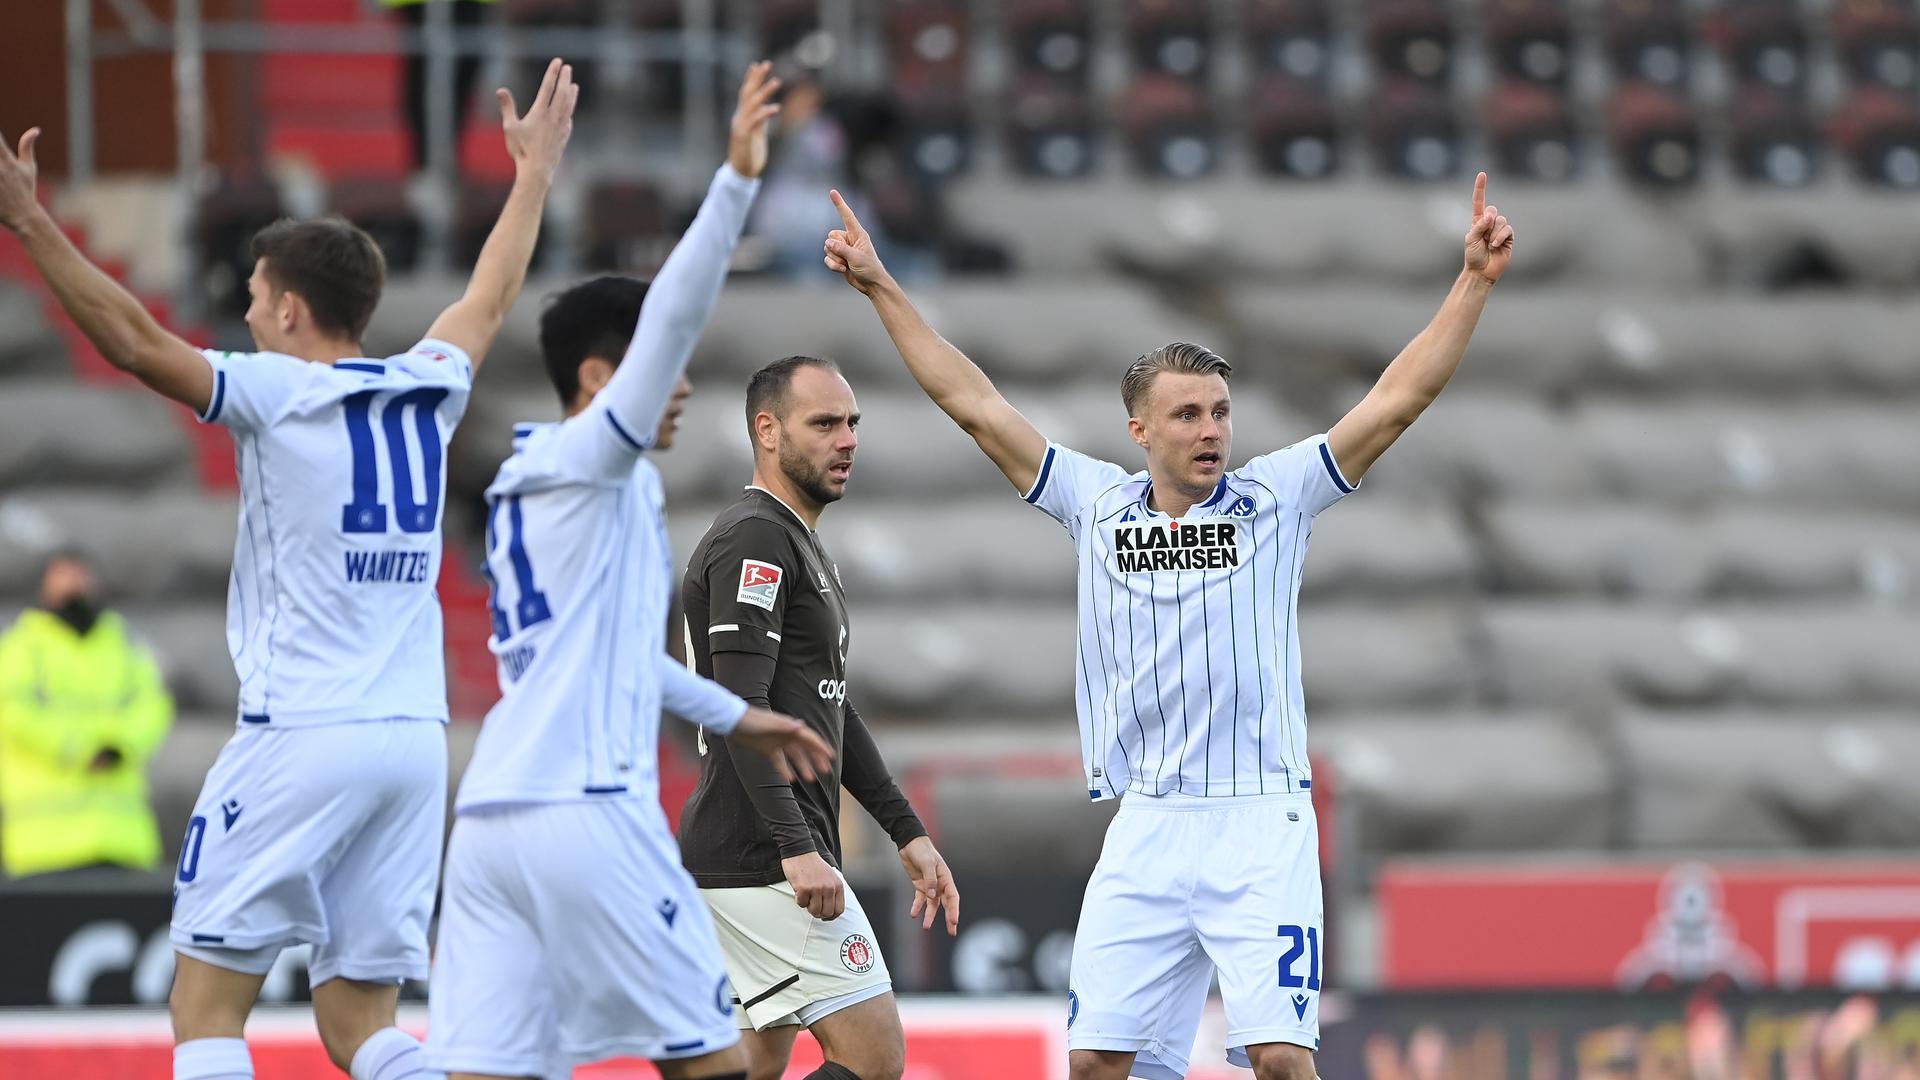 Marco Thiede erzielte beim Auswärtssieg gegen St. Pauli sein erstes Tor im KSC-Trikot.